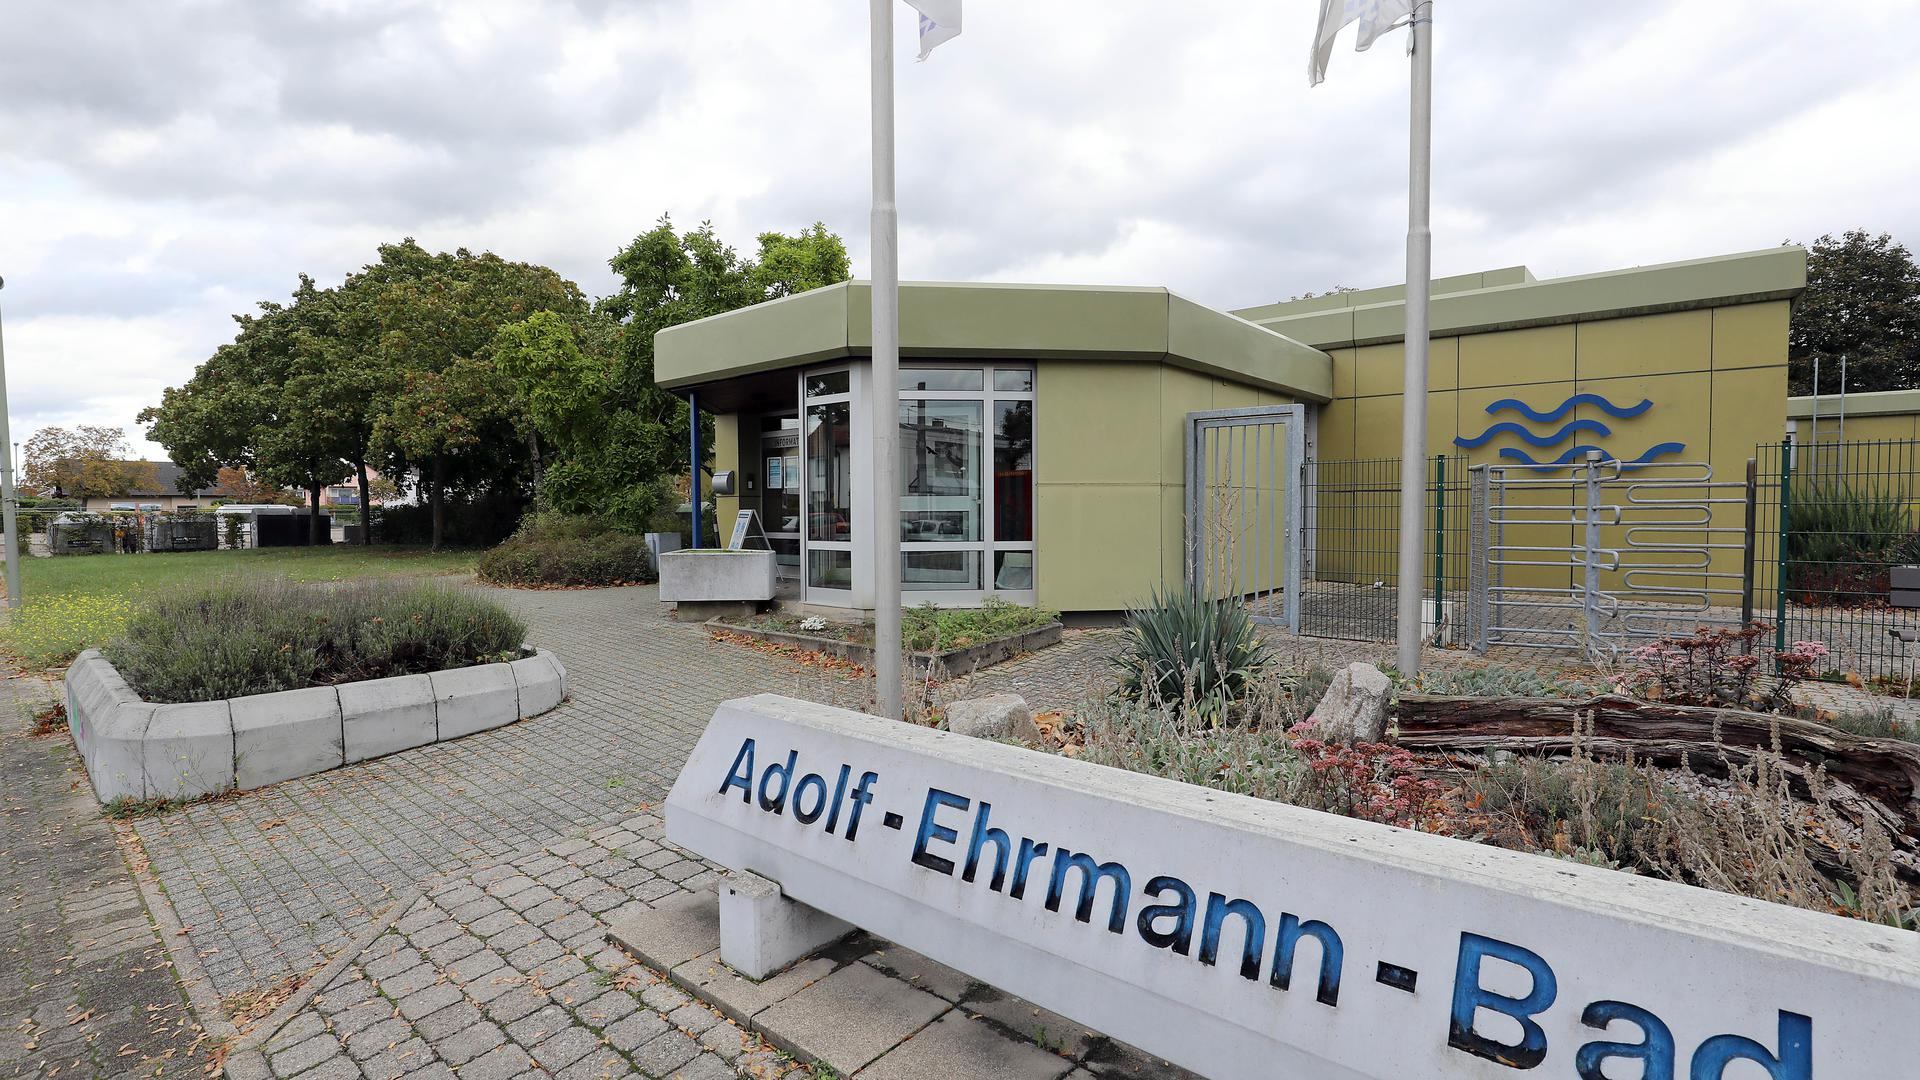 © Jodo-Foto /  Joerg  Donecker// 7.10.2020 Adolf-Ehrmann-Bad in Neureut,                      -Copyright - Jodo-Foto /  Joerg  Donecker Sonnenbergstr.4  D-76228 KARLSRUHE TEL:  0049 (0) 721-9473285 FAX:  0049 (0) 721 4903368  Mobil: 0049 (0) 172 7238737 E-Mail:  joerg.donecker@t-online.de Sparkasse Karlsruhe  IBAN: DE12 6605 0101 0010 0395 50, BIC: KARSDE66XX Steuernummer 34140/28360 Veroeffentlichung nur gegen Honorar nach MFM zzgl. ges. Mwst.  , Belegexemplar und Namensnennung. Es gelten meine AGB.